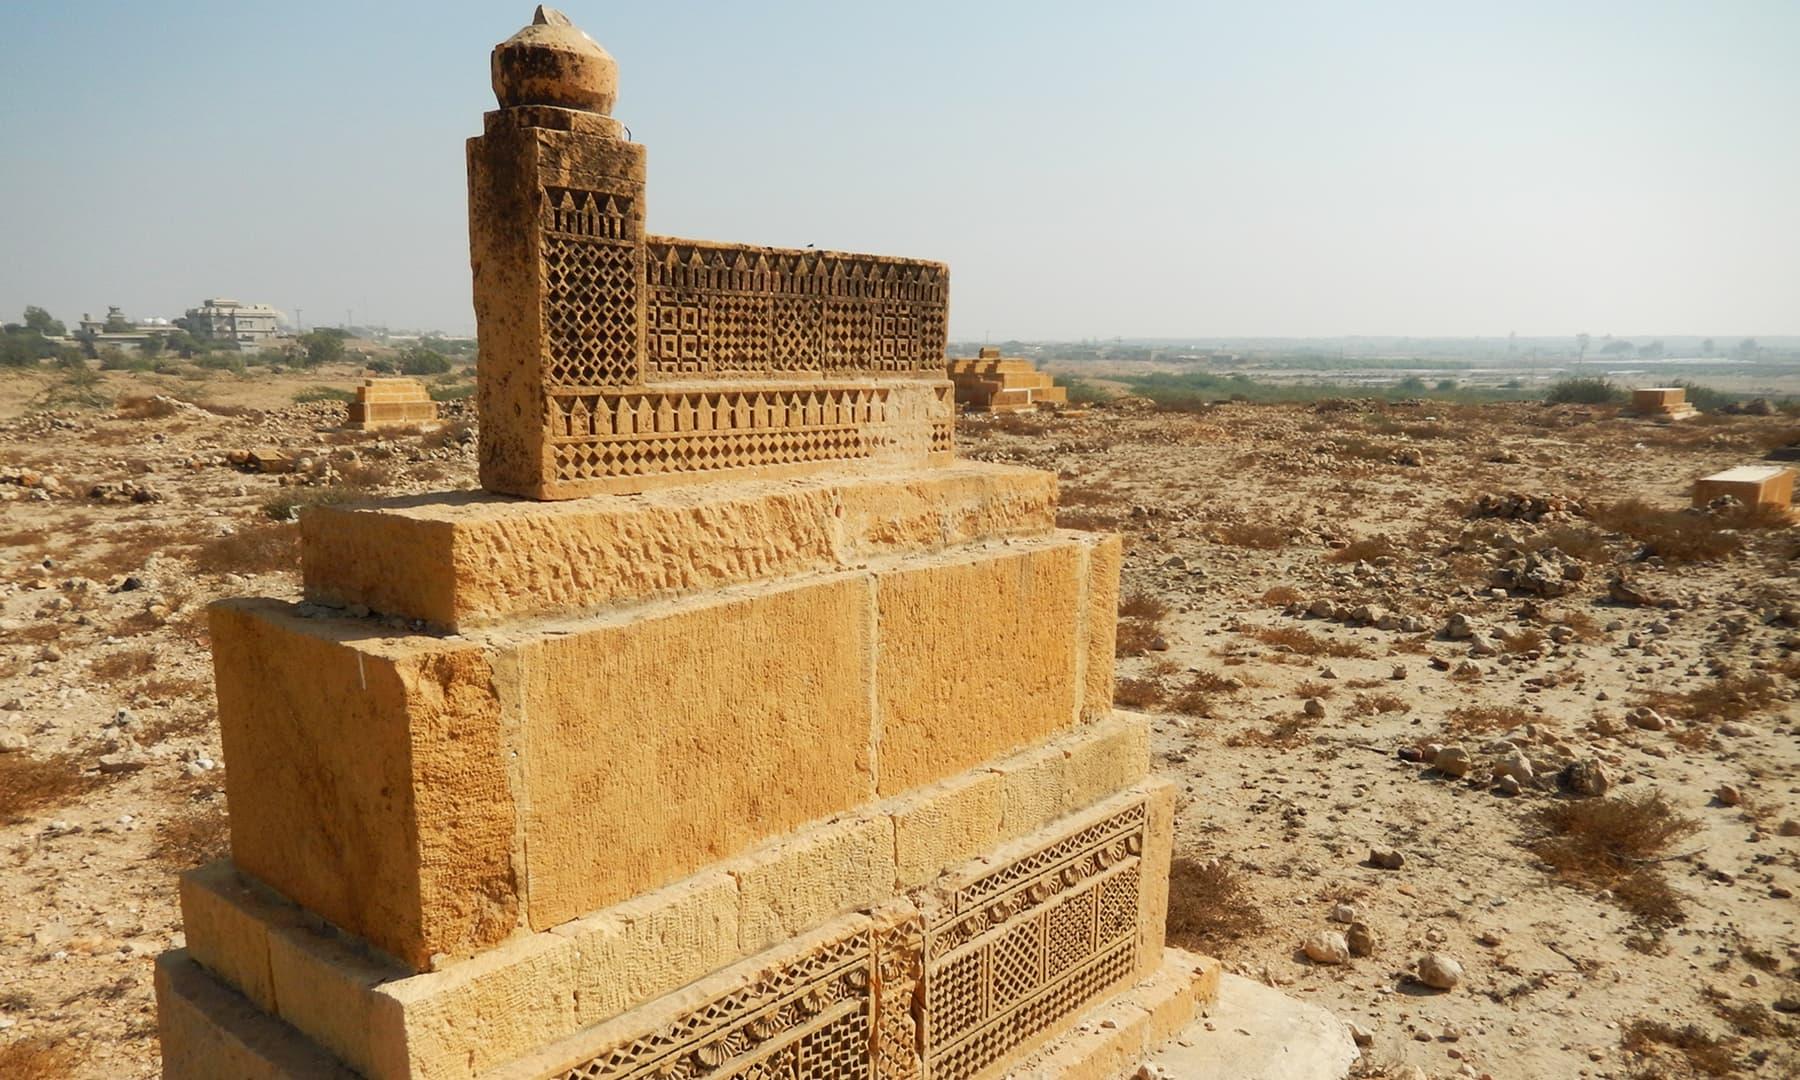 وادی پٹھو کے پاس موجود قدیم قبریں اور مقابر — تصویر ابوبکر شیخ